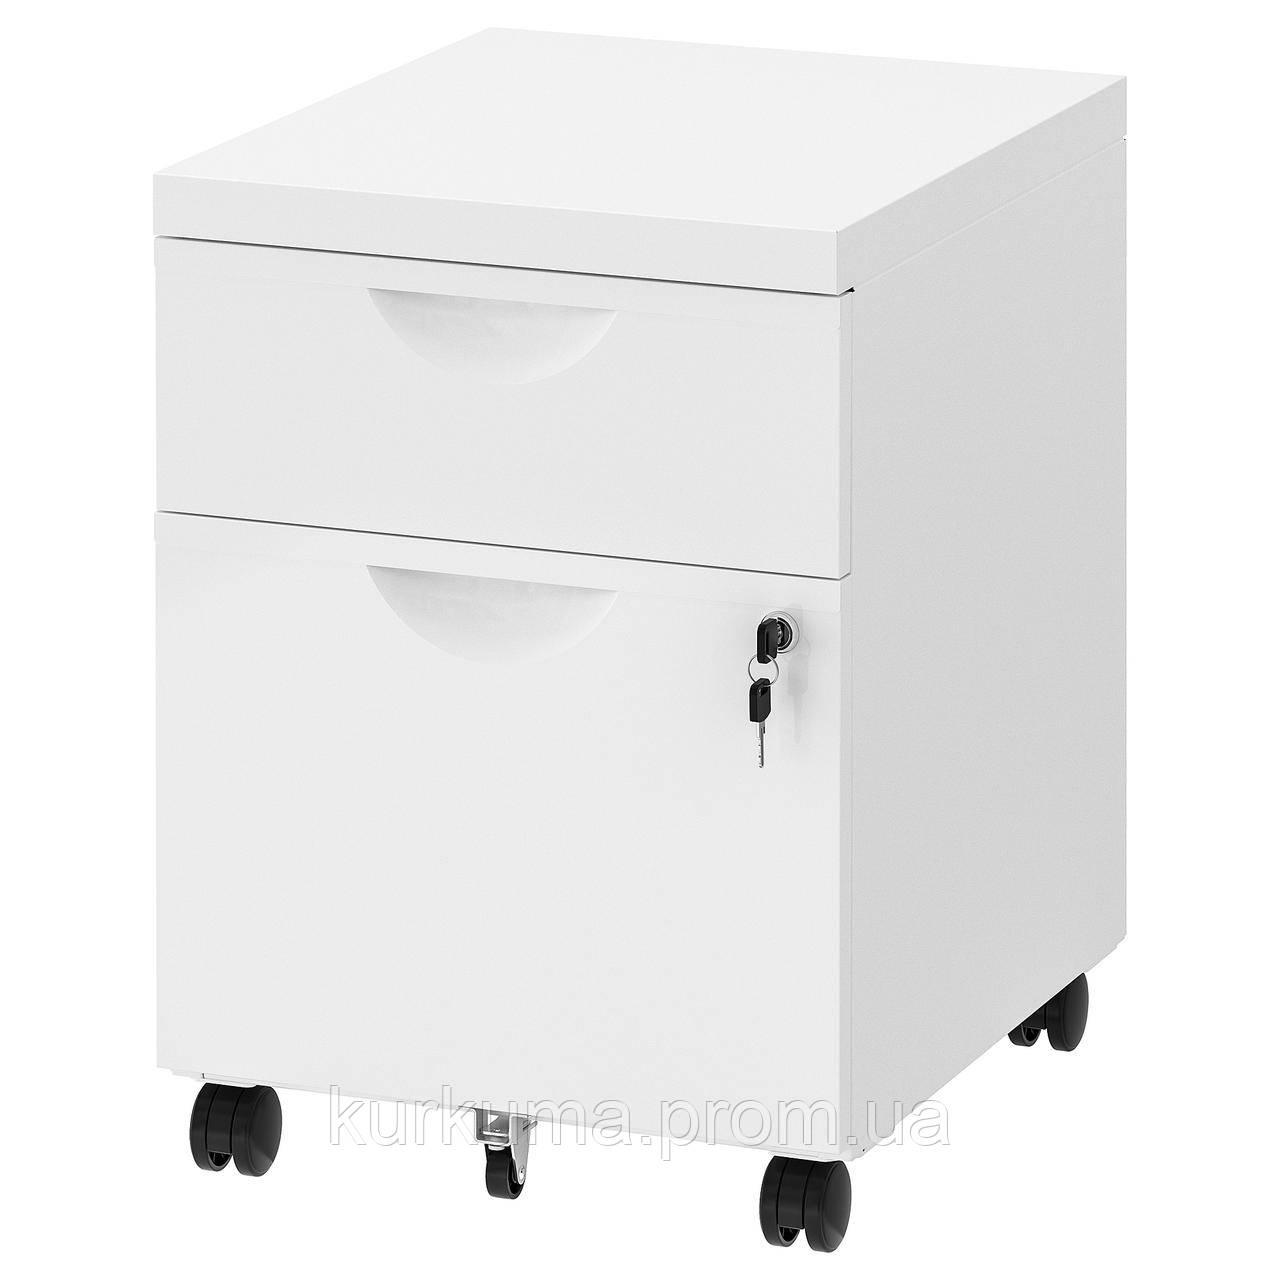 IKEA ERIK Комод с 2 ящиками, белый, 41x57 см (301.518.08)